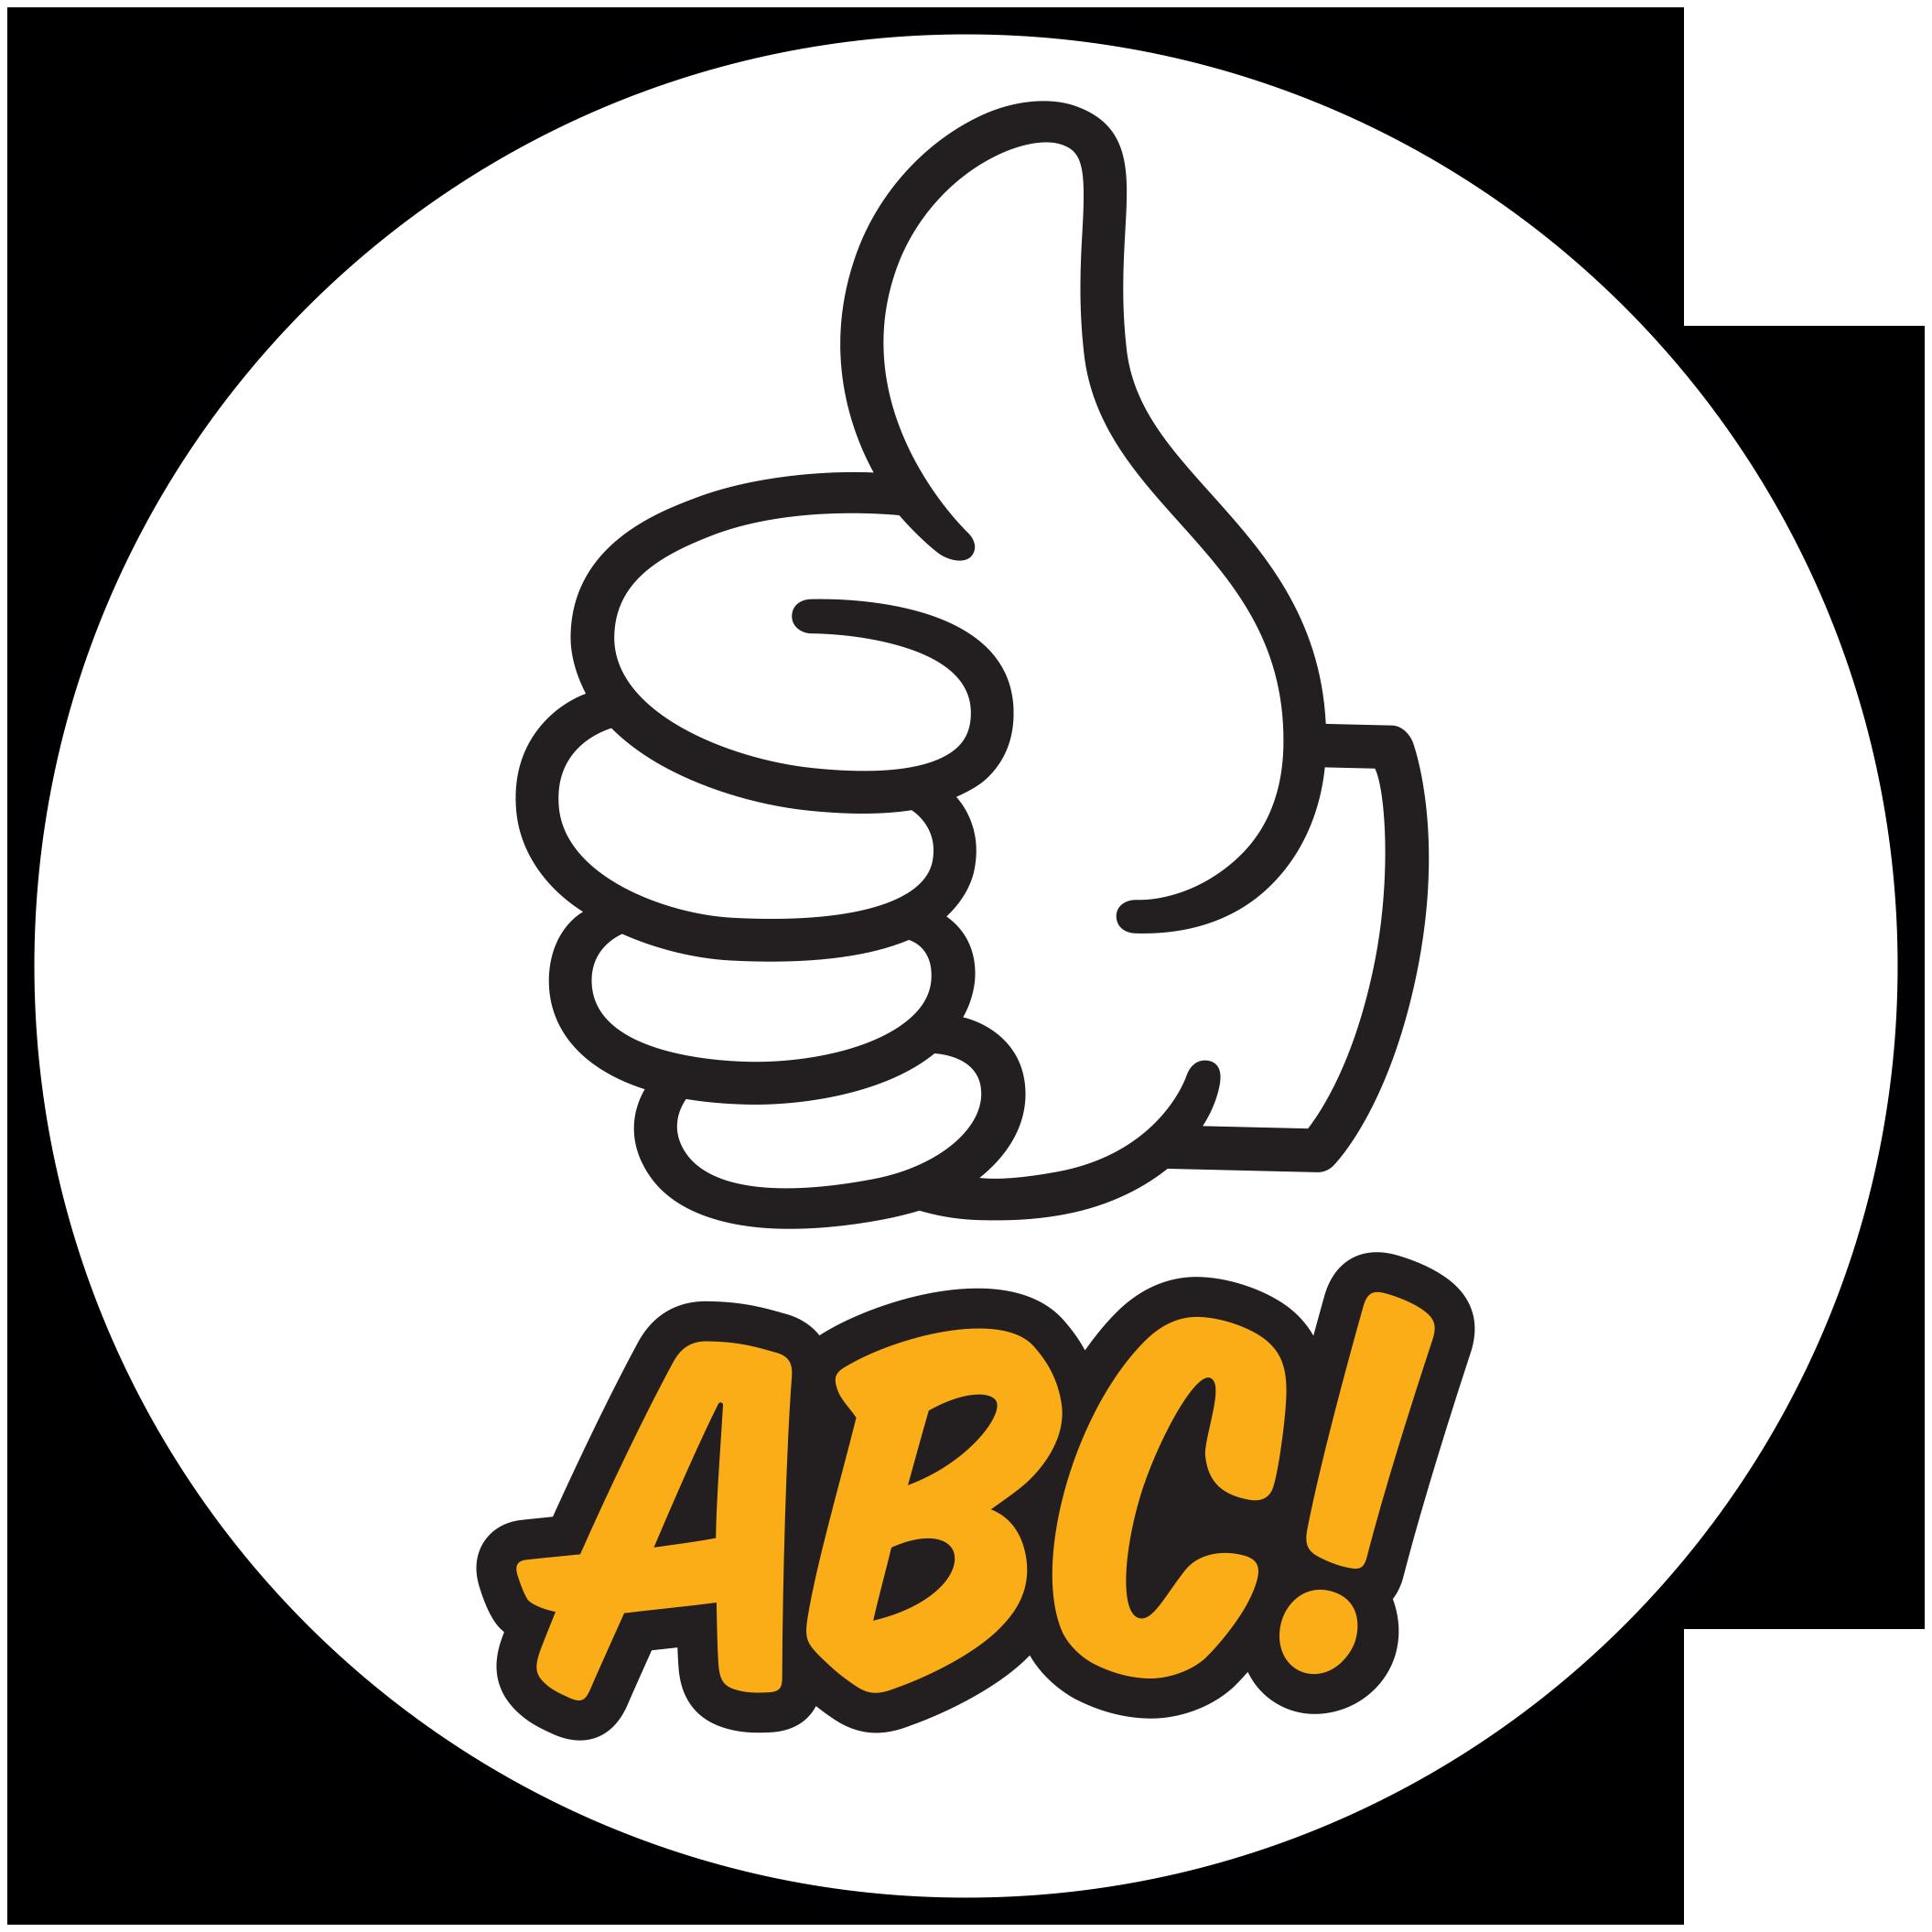 ABC Tammisaari